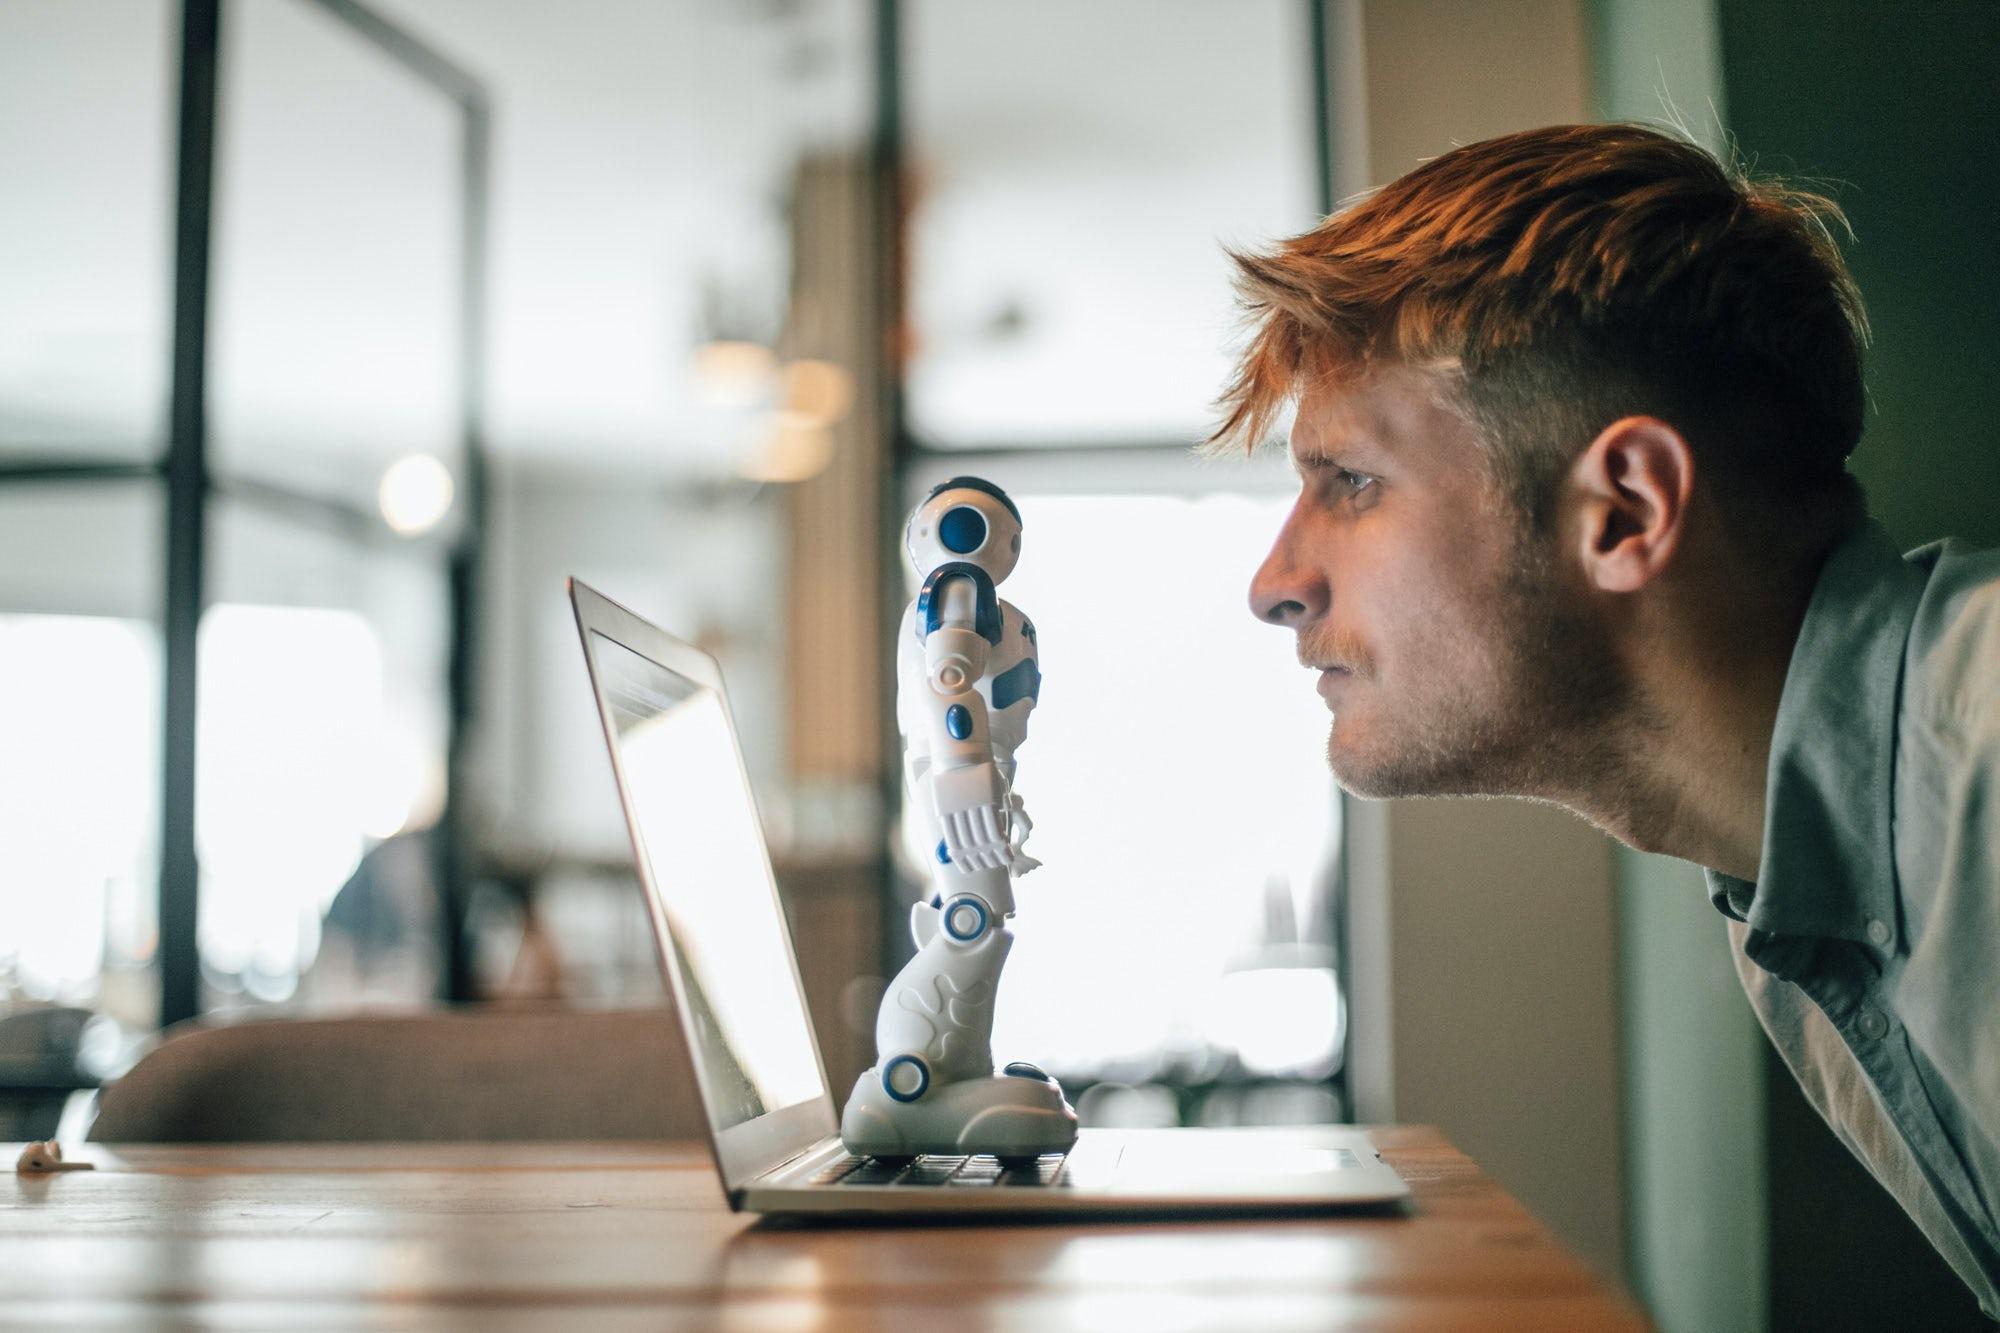 Man kijkt naar robot die op zijn laptop staat